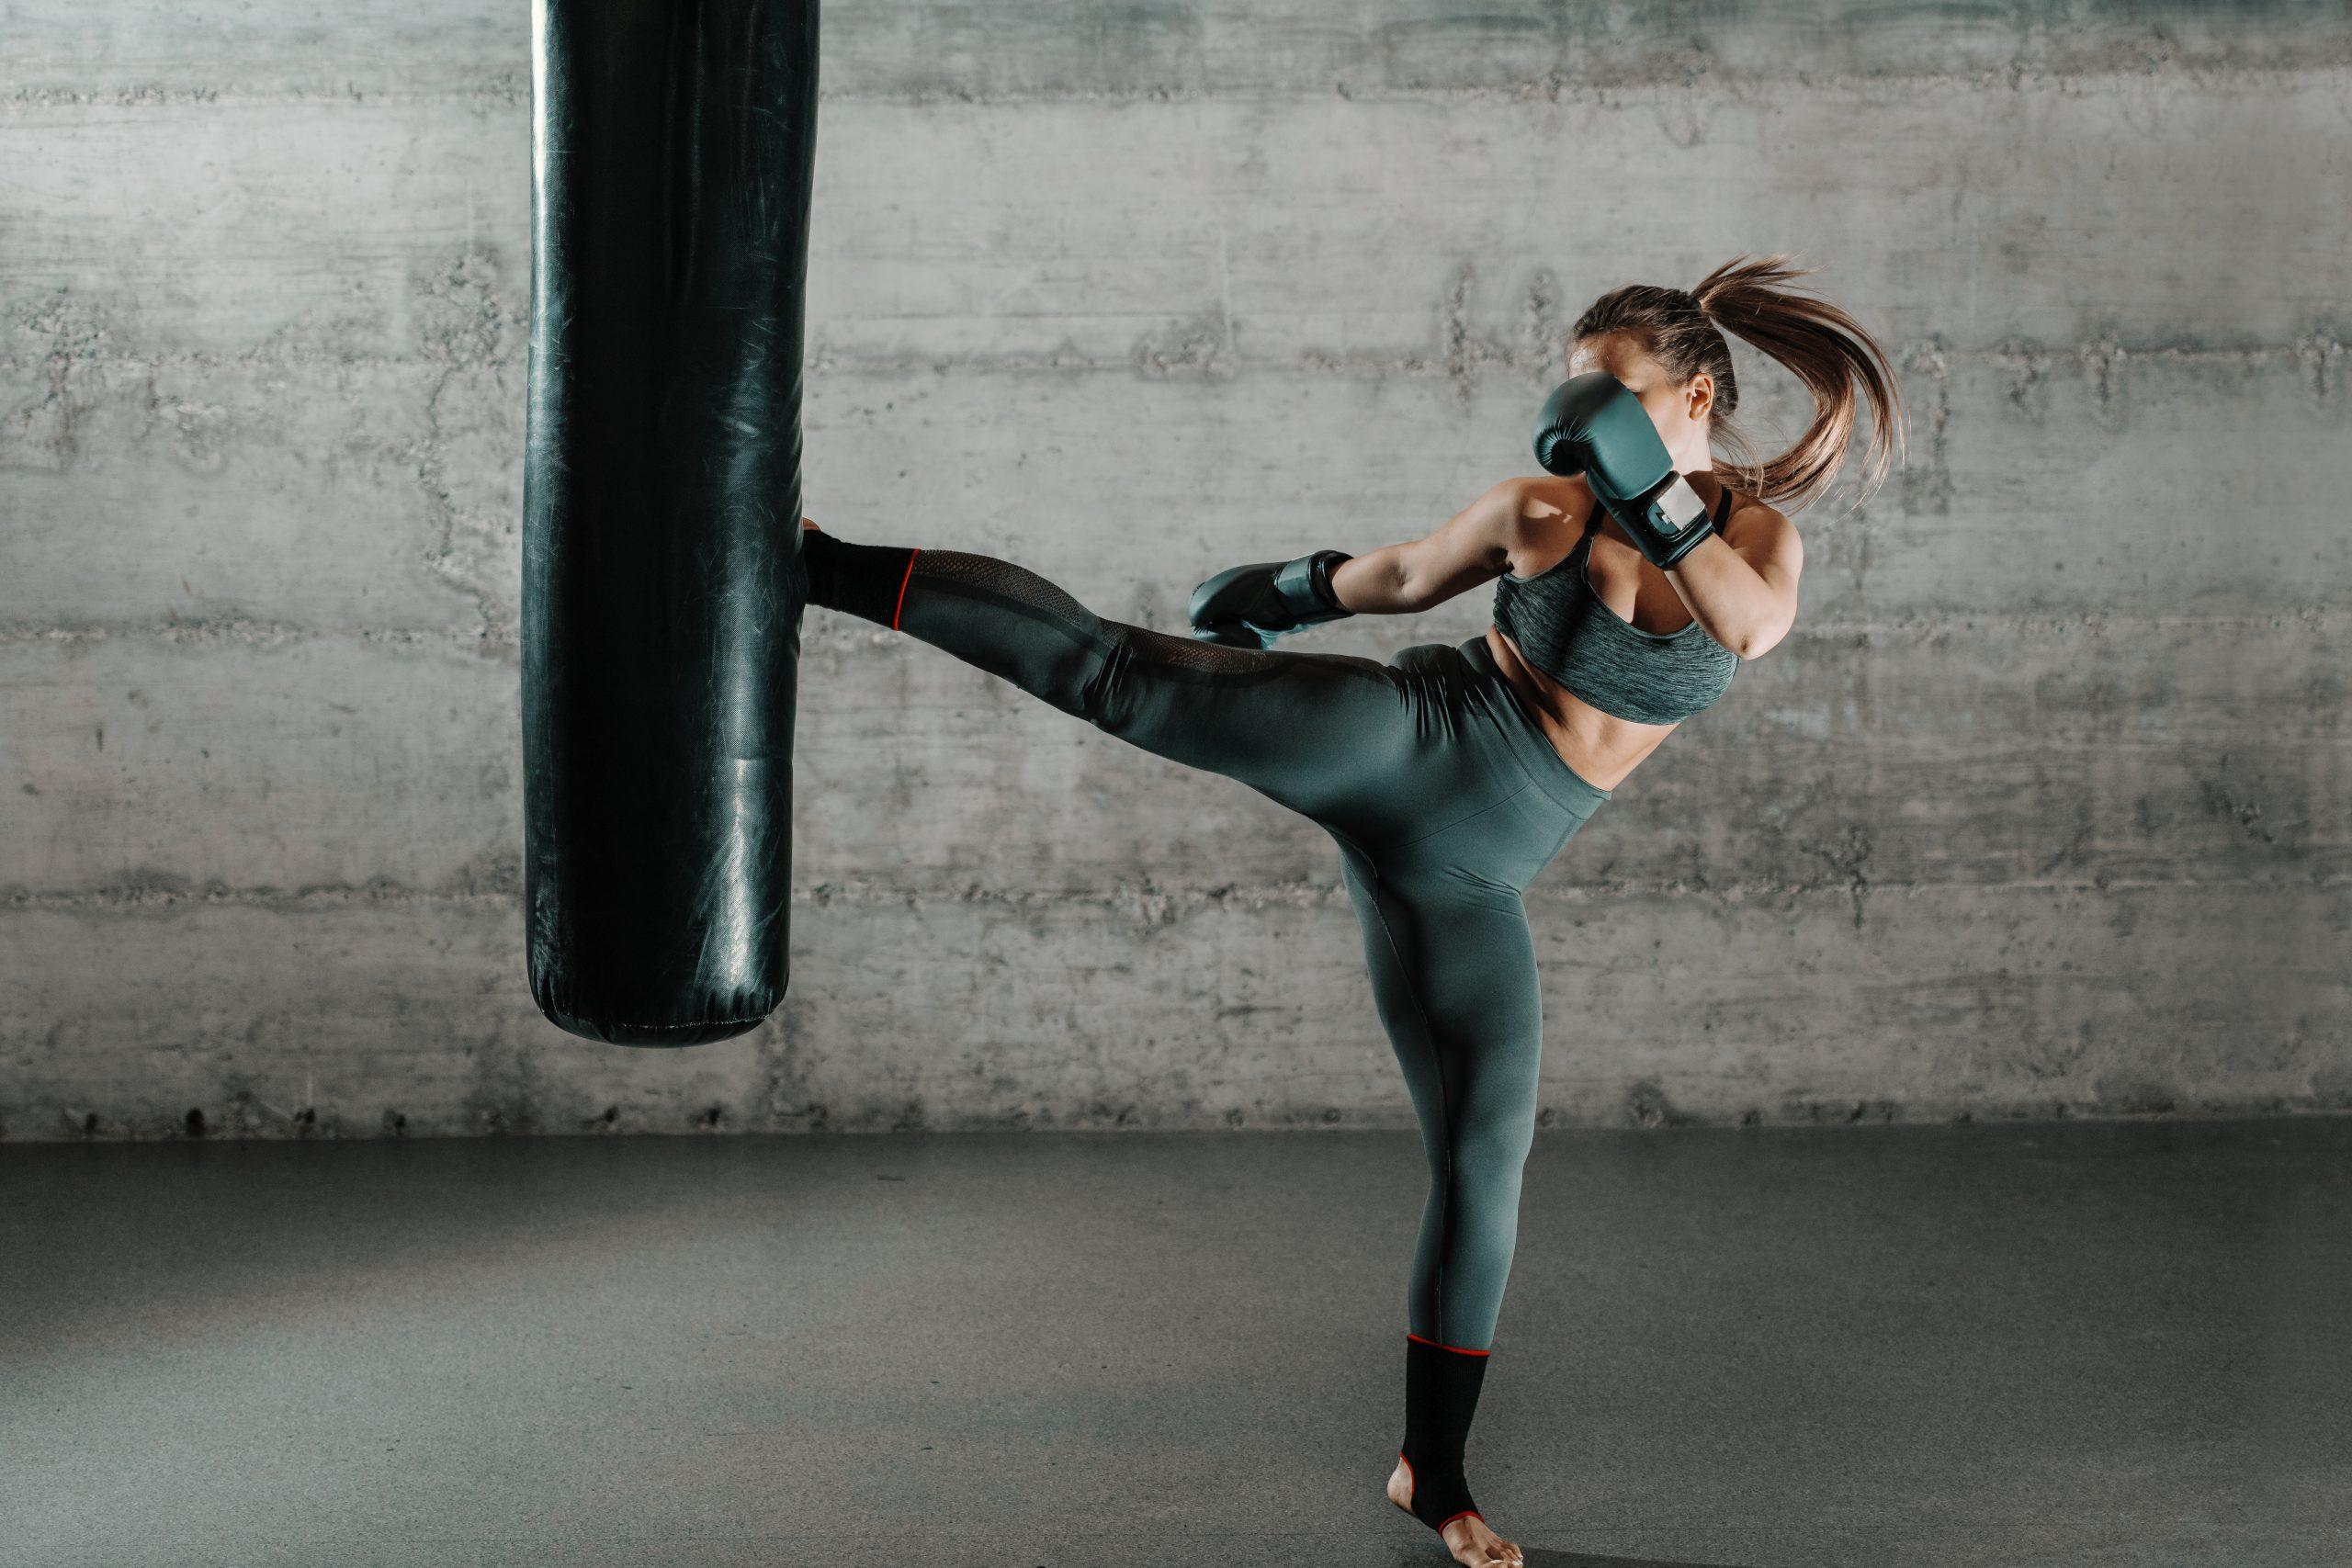 Šport Kick Box